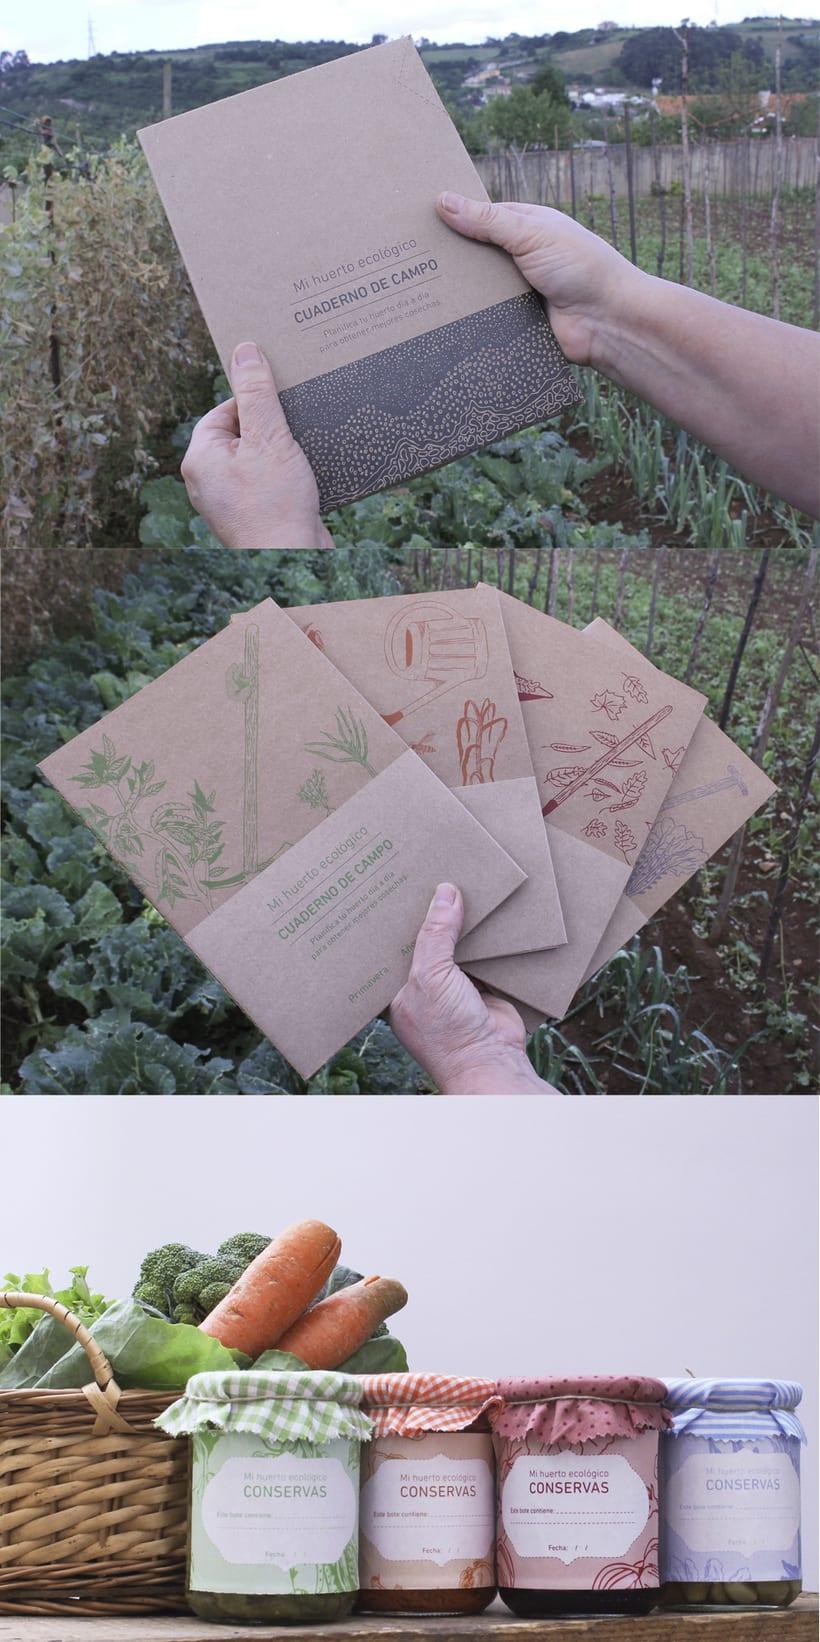 Cuaderno de campo. Mi huerto ecológico. 0